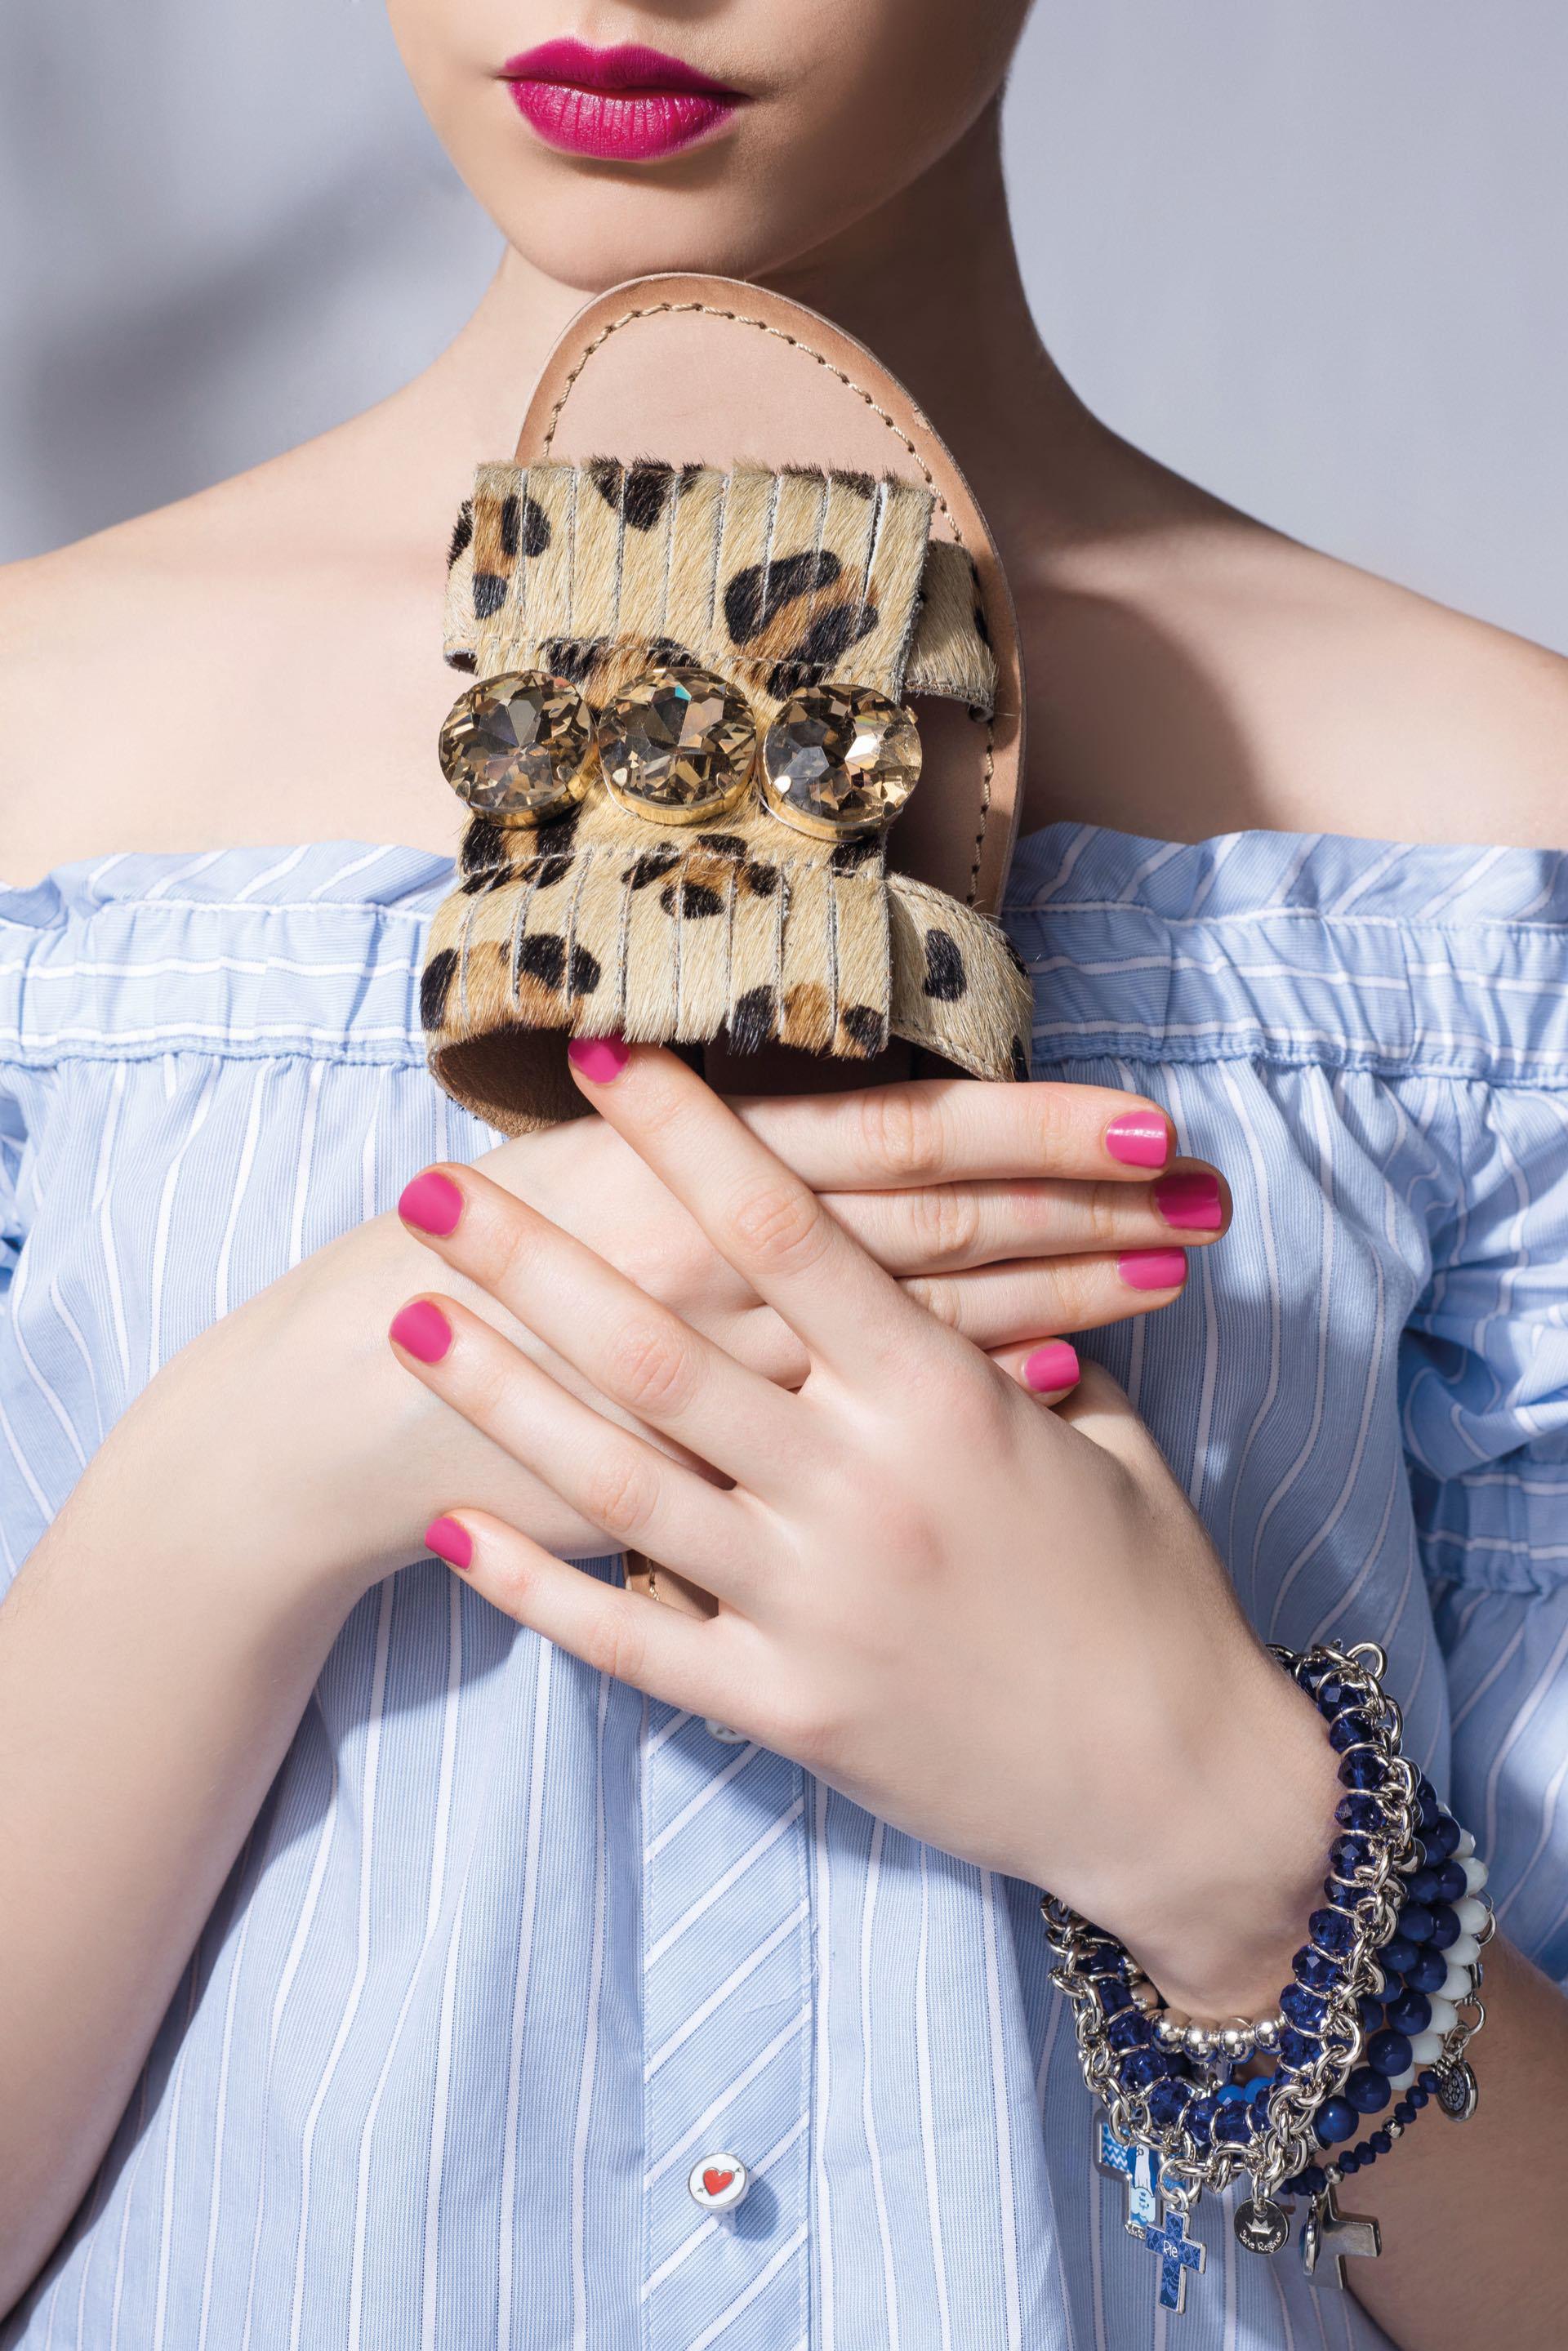 Sandalias de pelo animal print con piedras ($ 1.900,Hush Puppies), mix de pulseras (aprox. $ 250 c/u, Salve Regina)y top off the shoulder ($ 2.100, Kosiuko).Foto Maia Croizet/ Para Ti